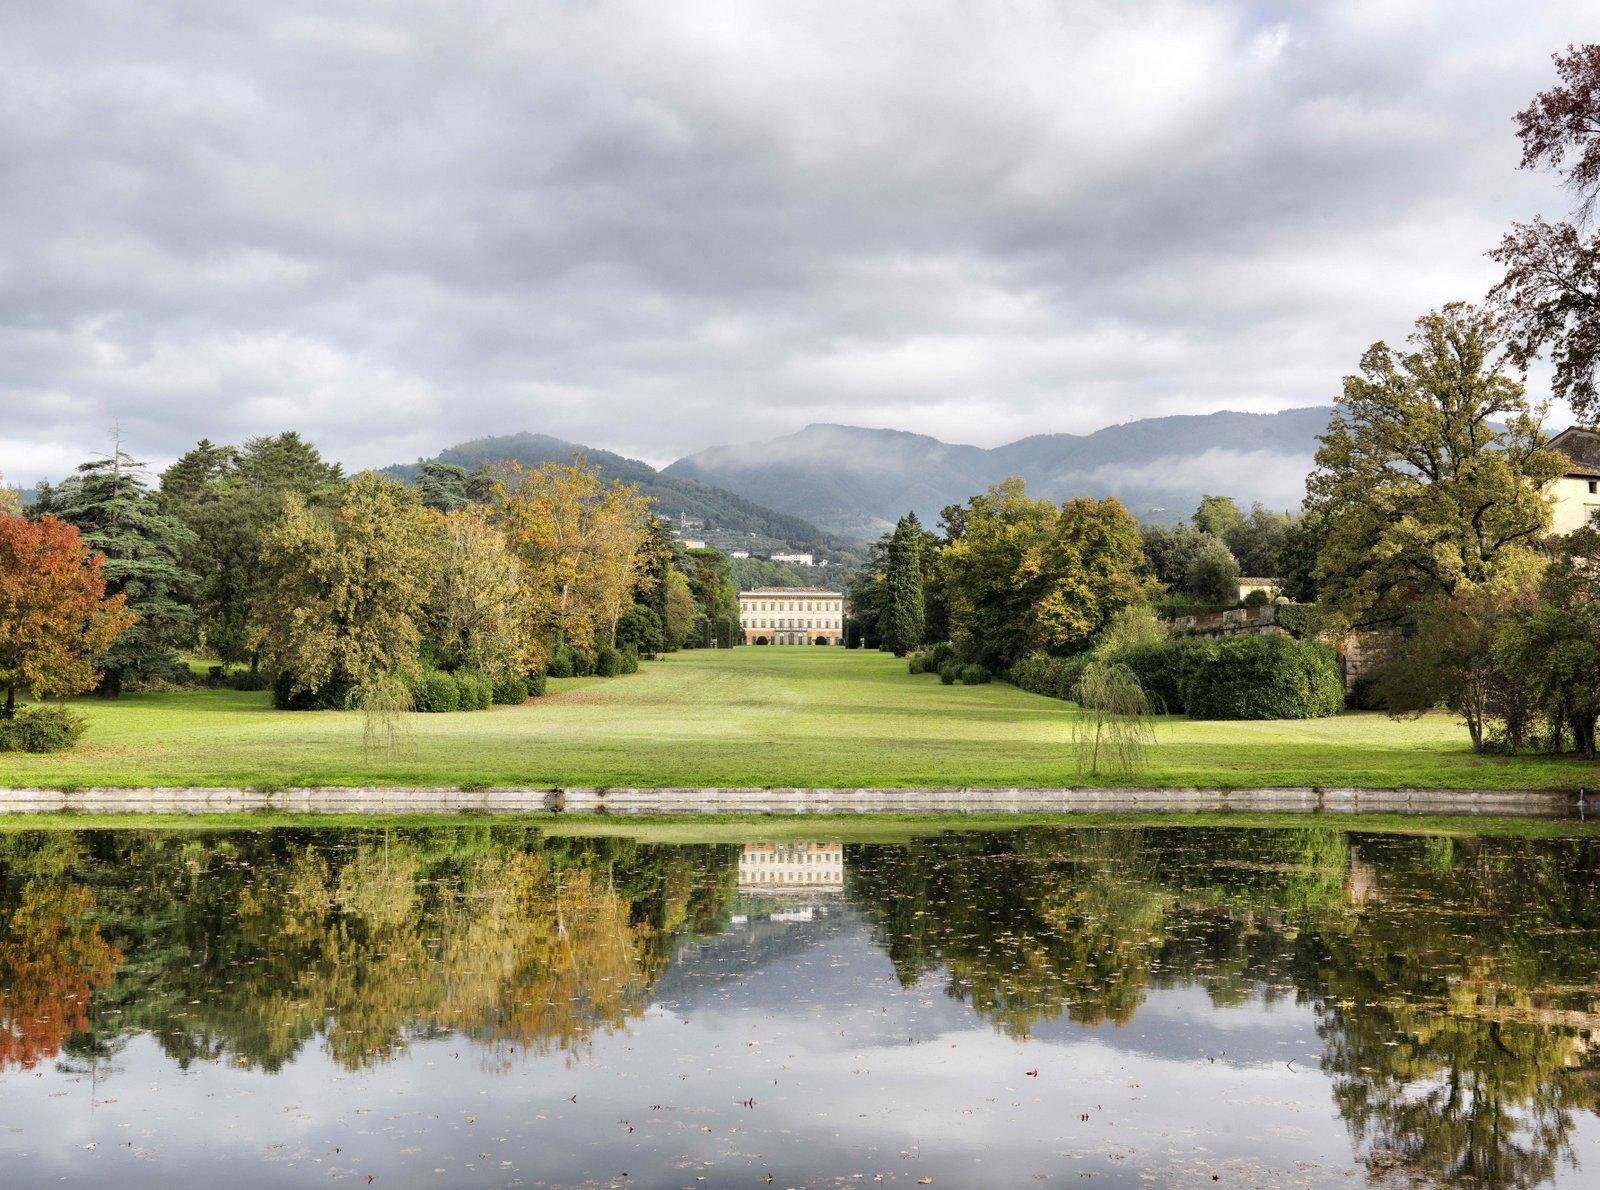 Progettare Il Giardino Da Soli : Da lucca in bus alla scoperta dei giardini della villa reale di